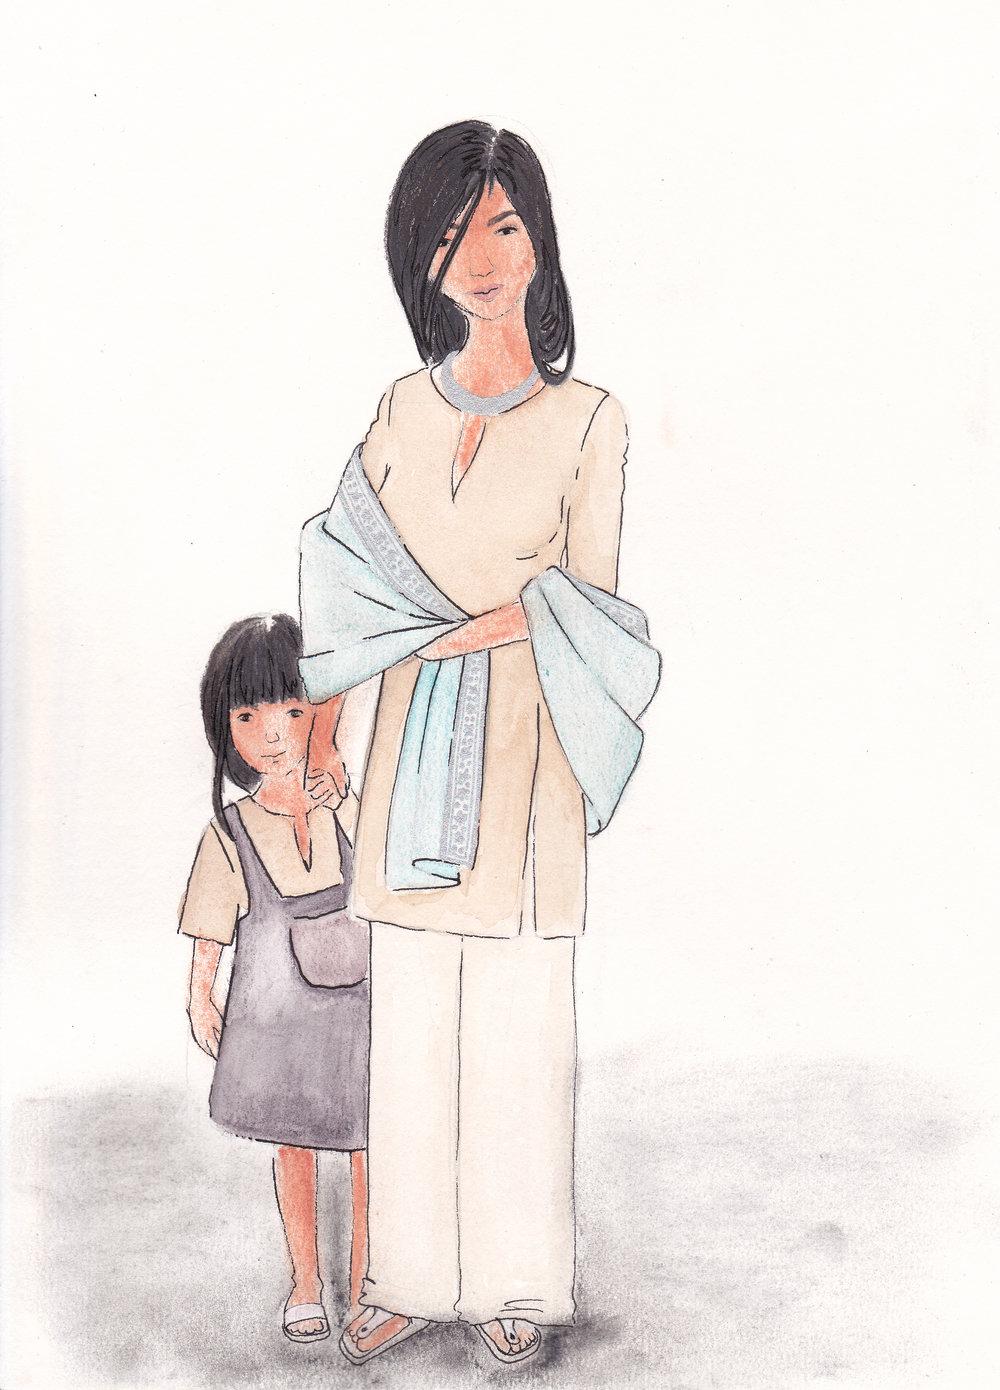 NAMITA BHANSALI-ROUSSEAU - ADRIEN ROUSSEAU'S WIFE